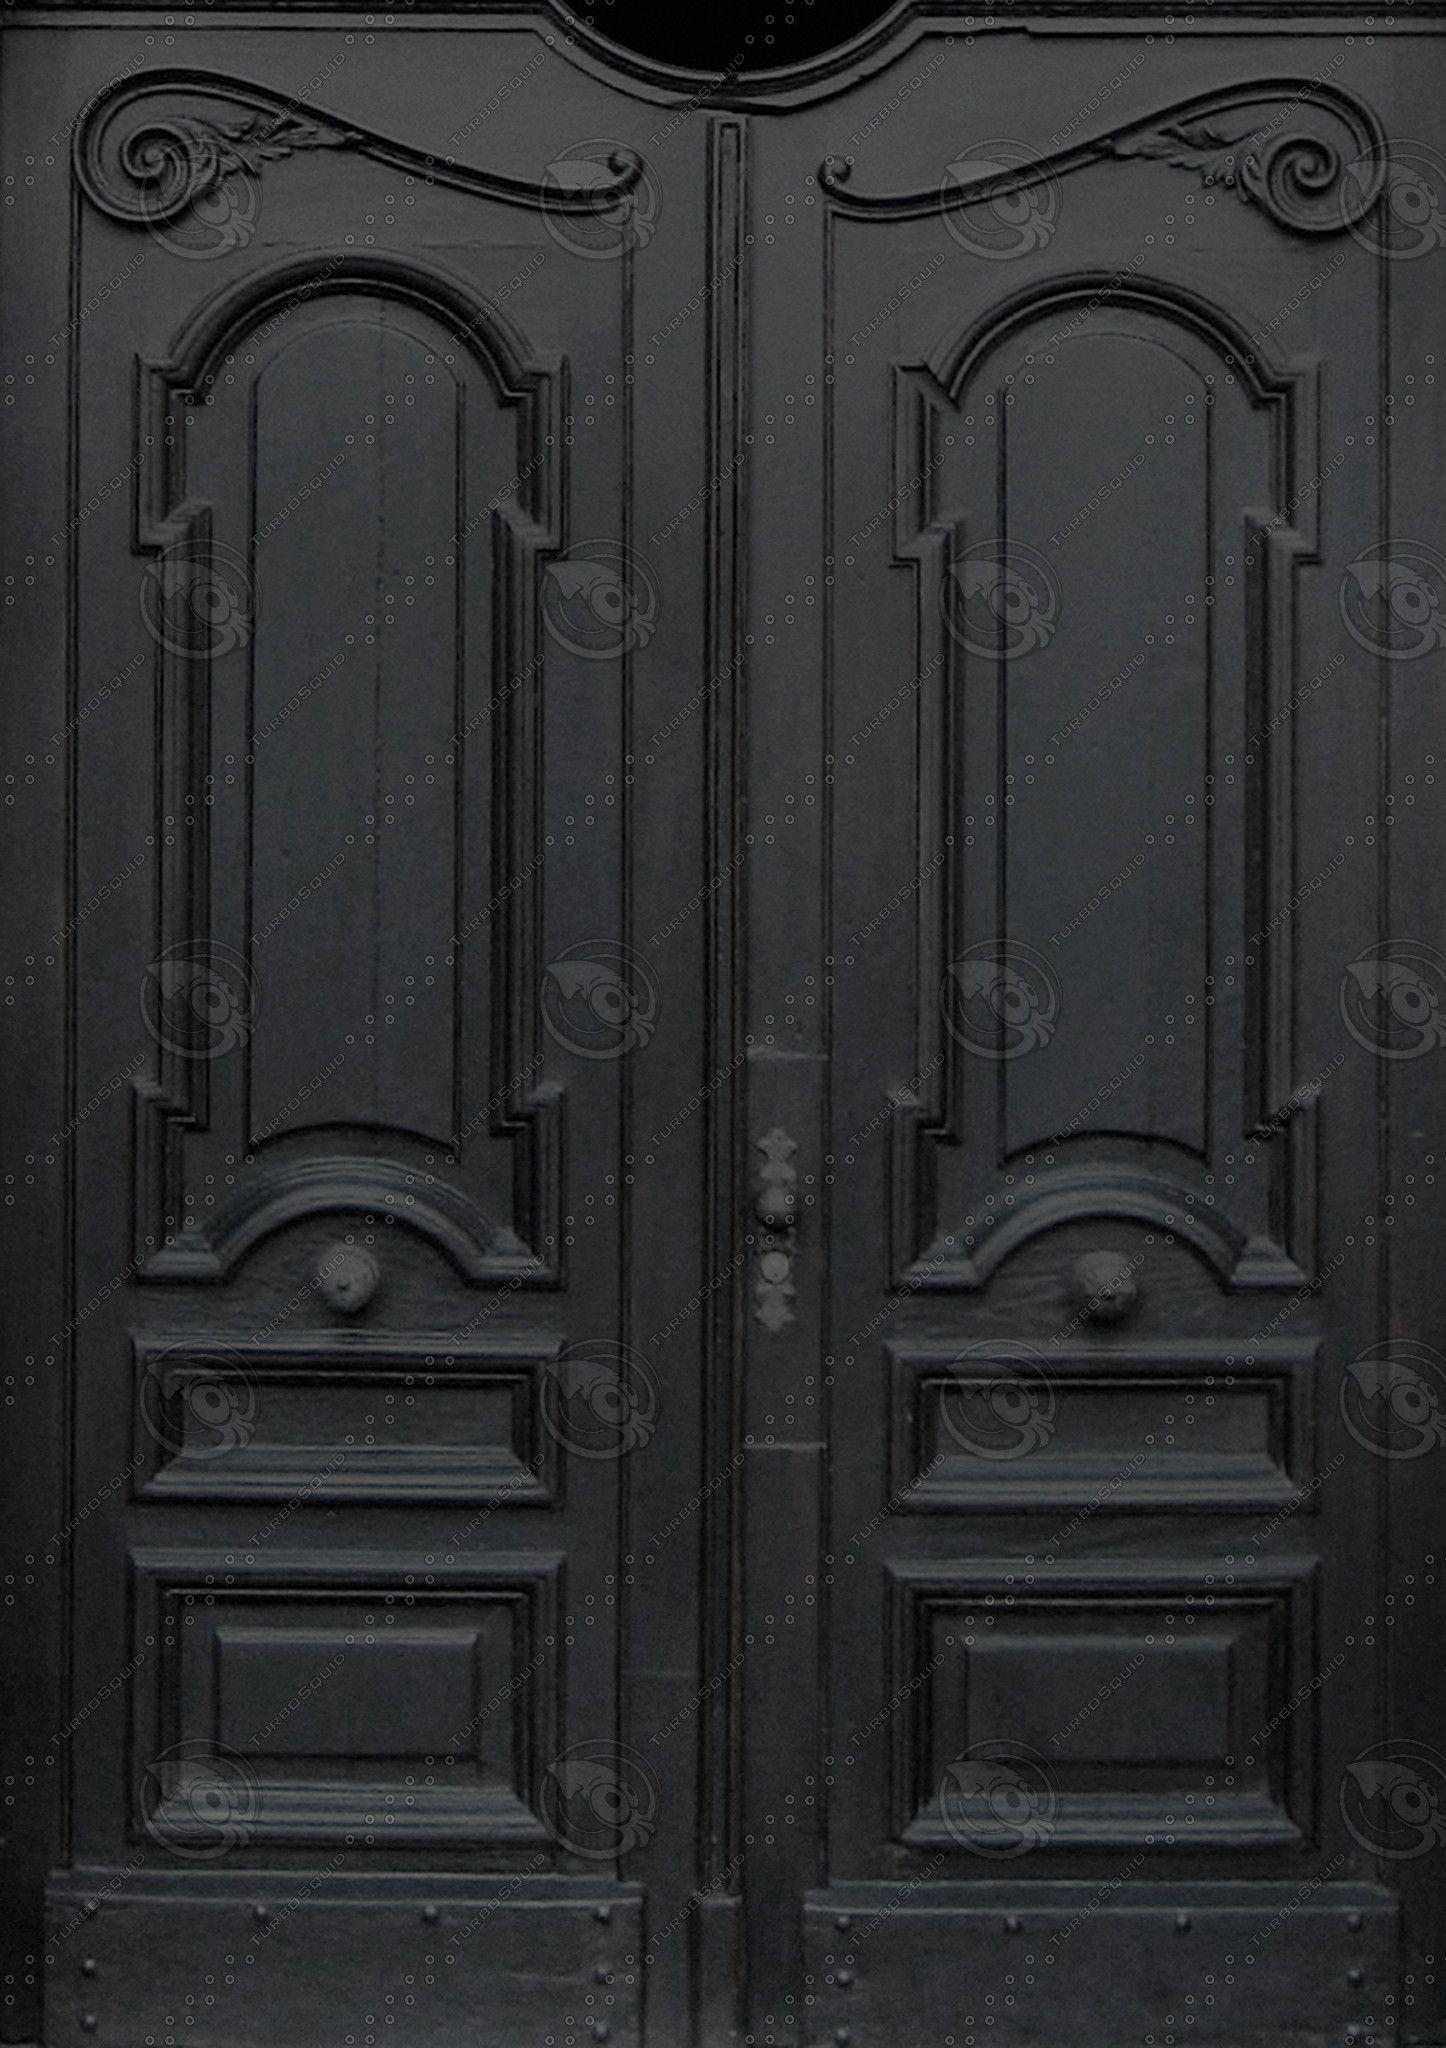 Download Door Texture Png () png images.